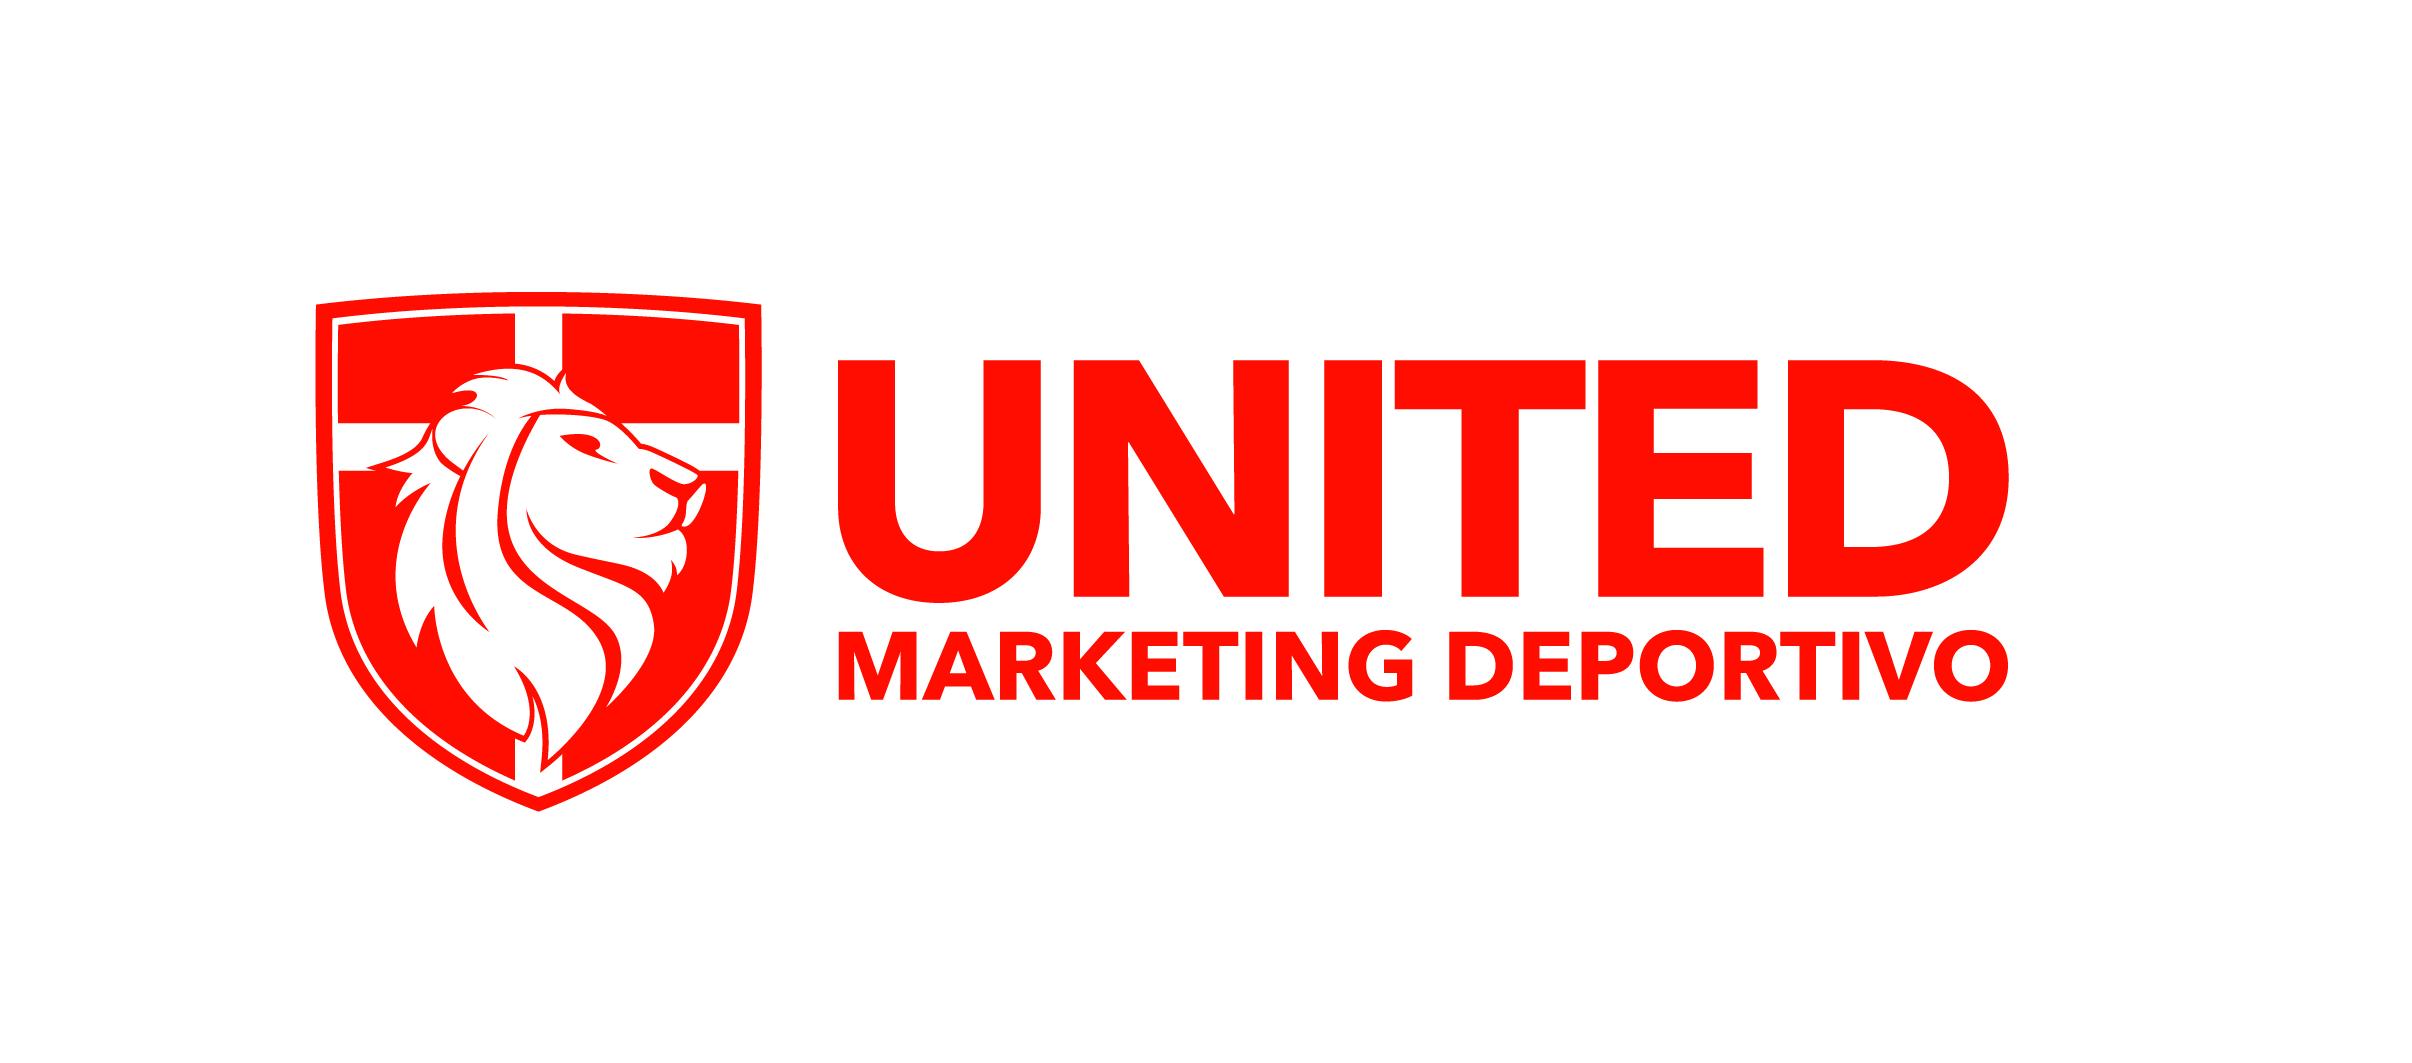 Logo umd noticias funibernoticias funiber for Logo del ministerio del interior peru